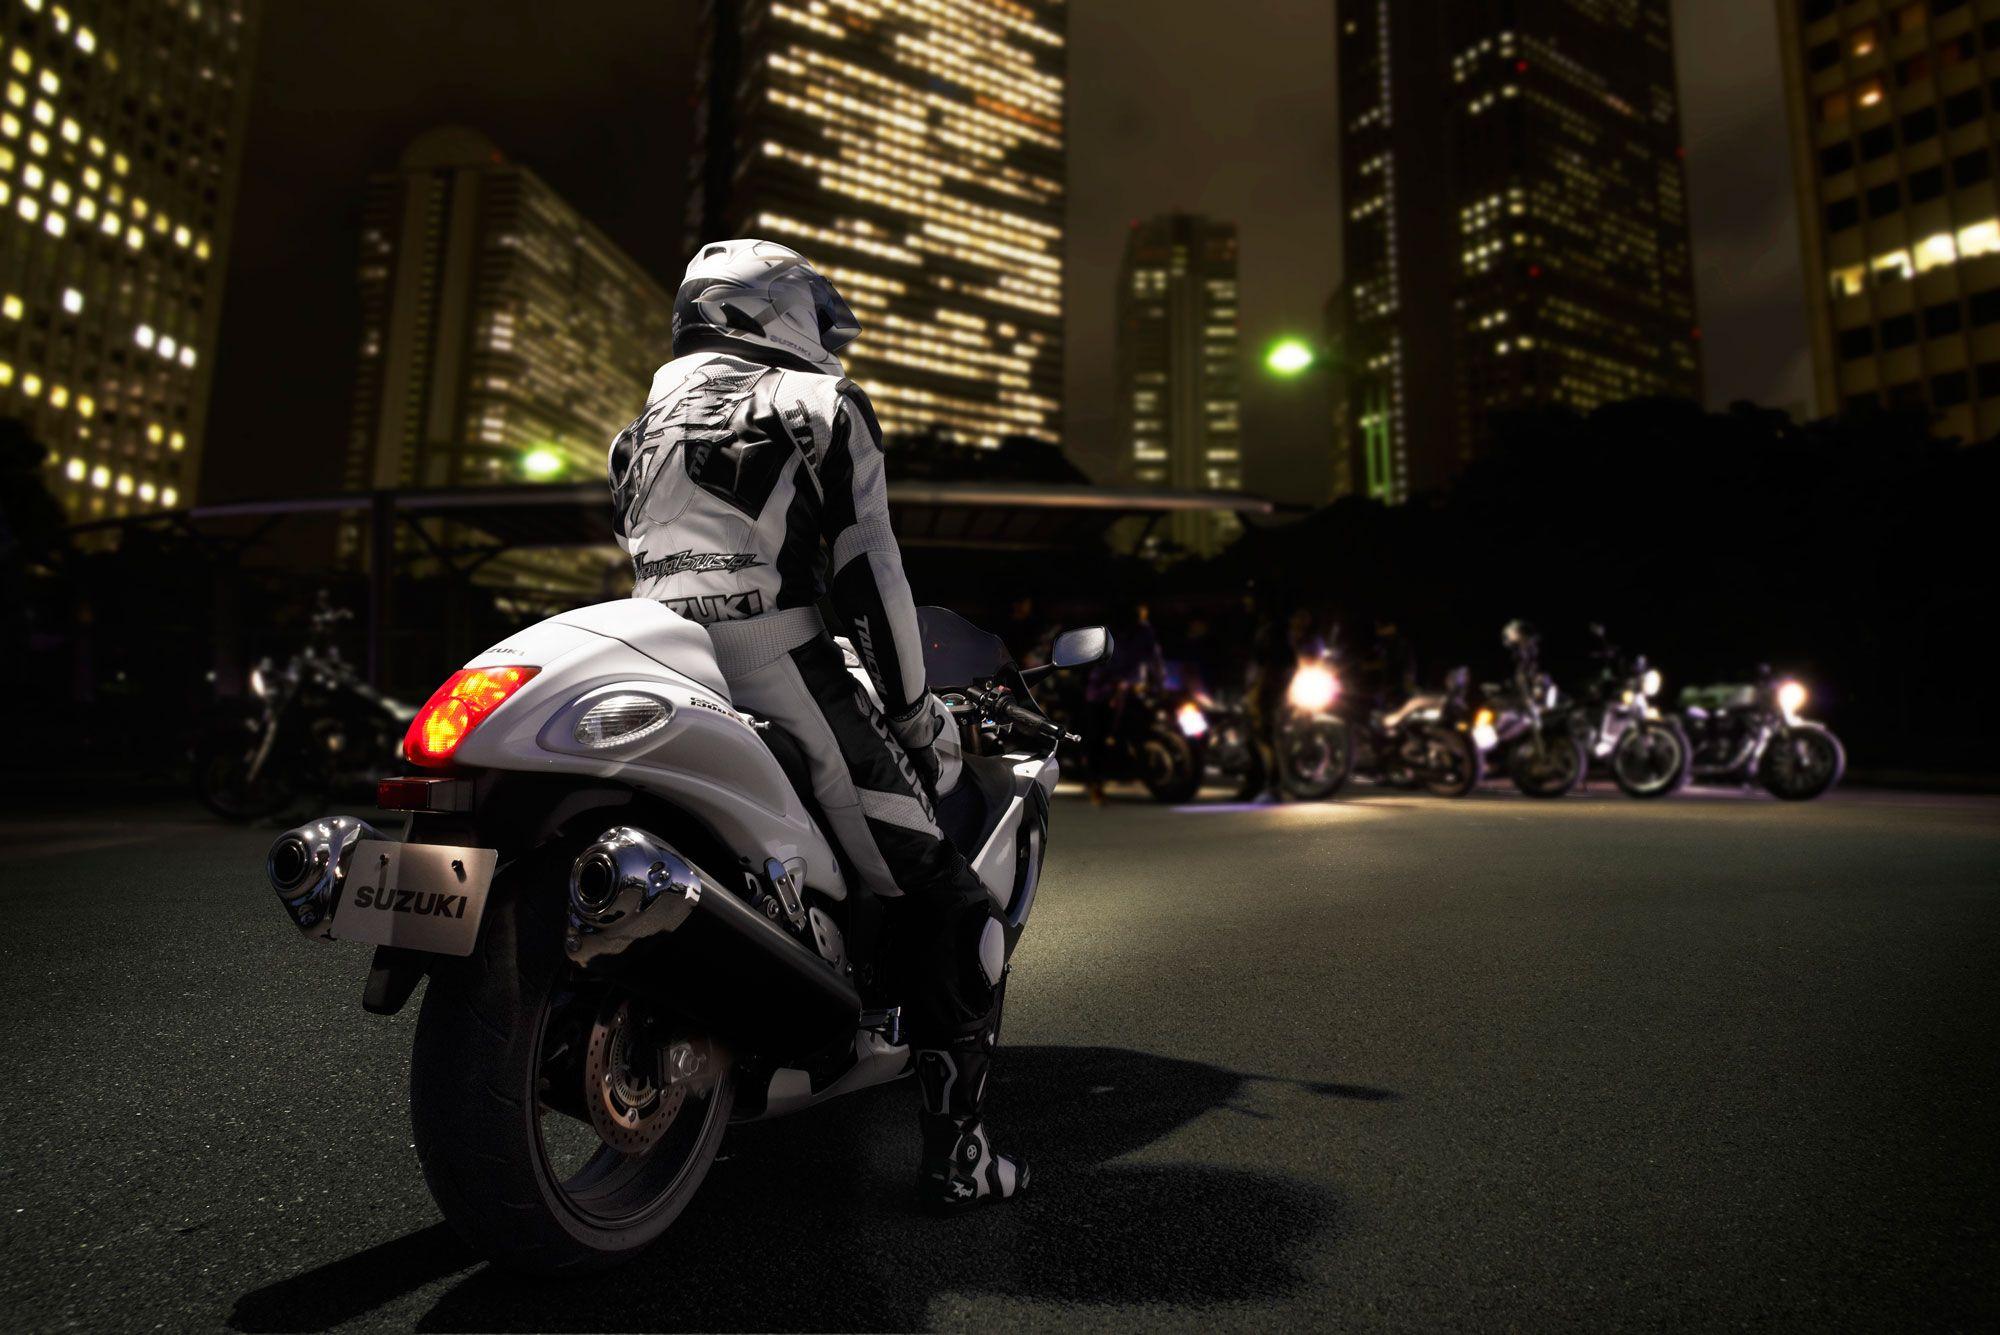 Genial 2013 Suzuki Hayabusa GSX1300R ABS